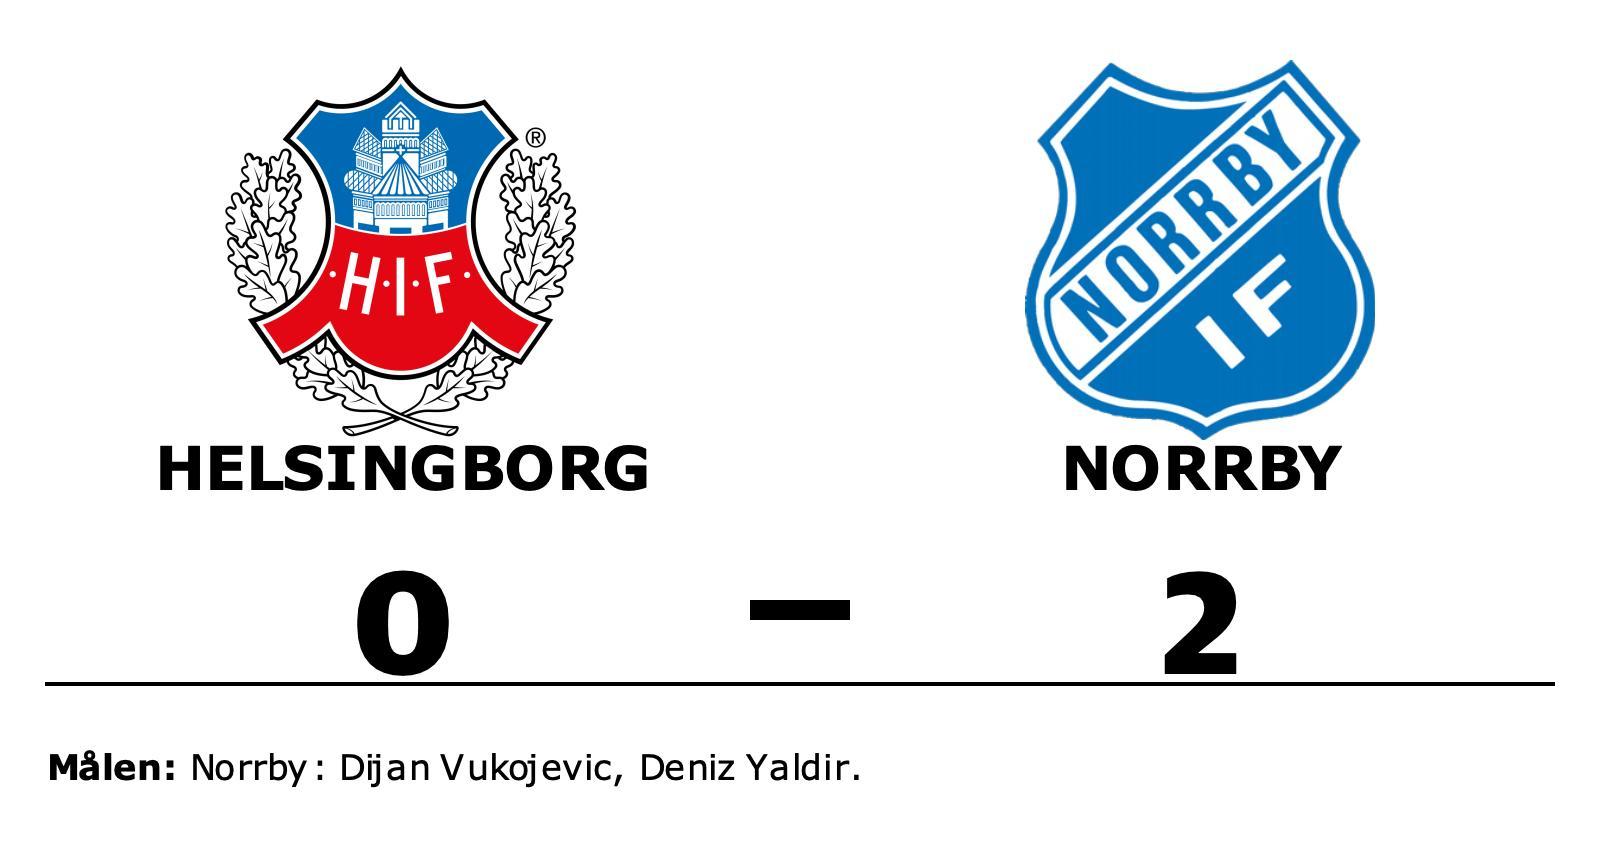 Norrbys Dijan Vukojevic och Deniz Yaldir sänkte Helsingborg